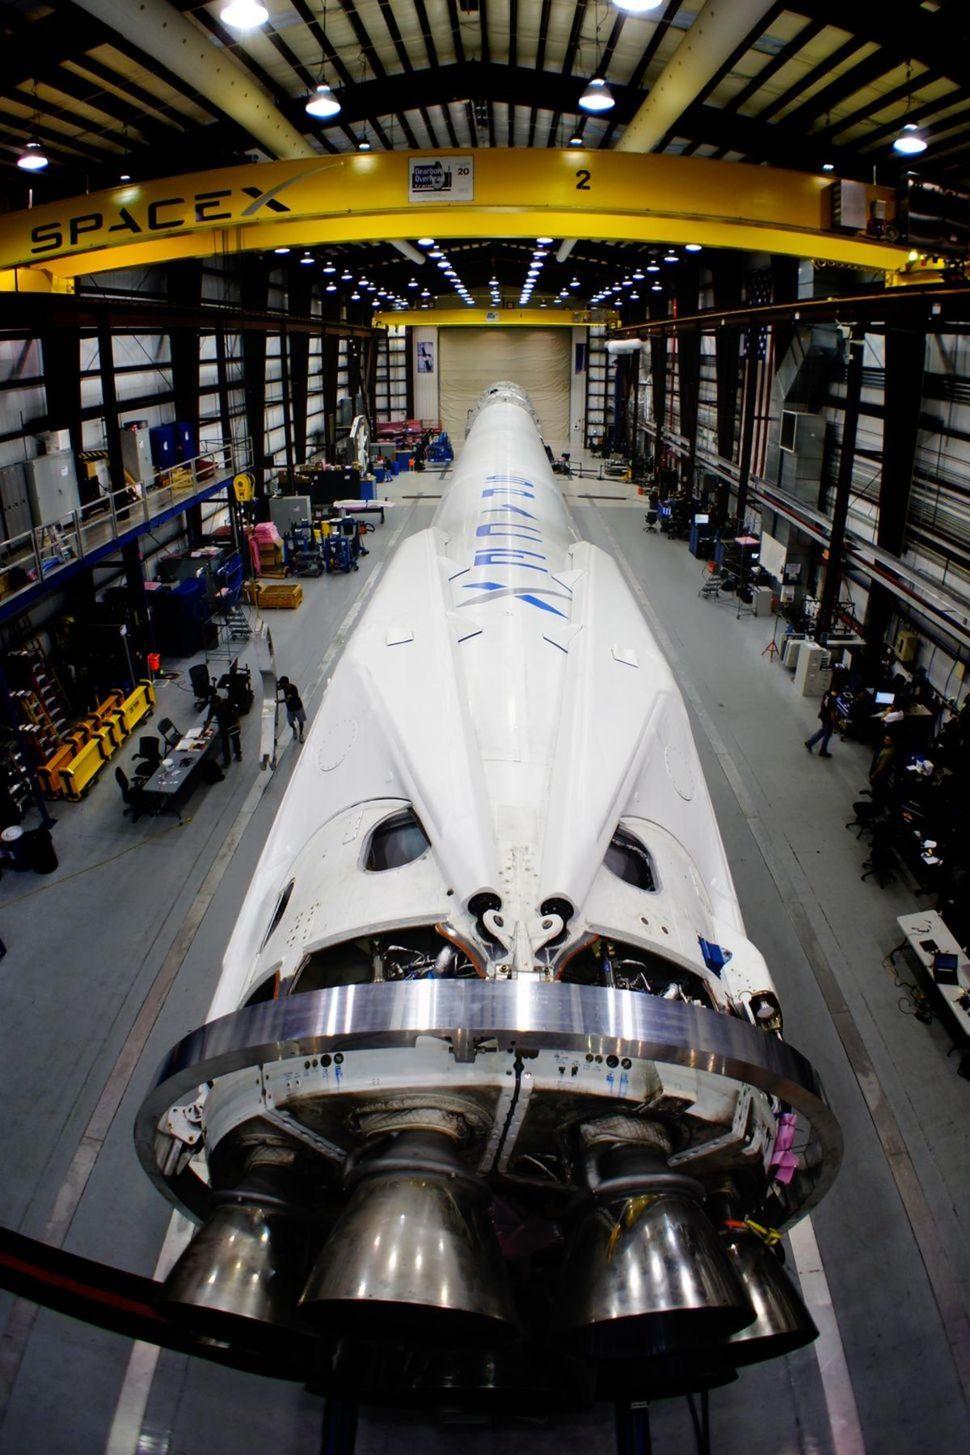 Raketa súkromnej spoločnosti SpaceX, ktorá v pondelok poletí so zásobovaním k Medzinárodnej vesmírnej stanici.